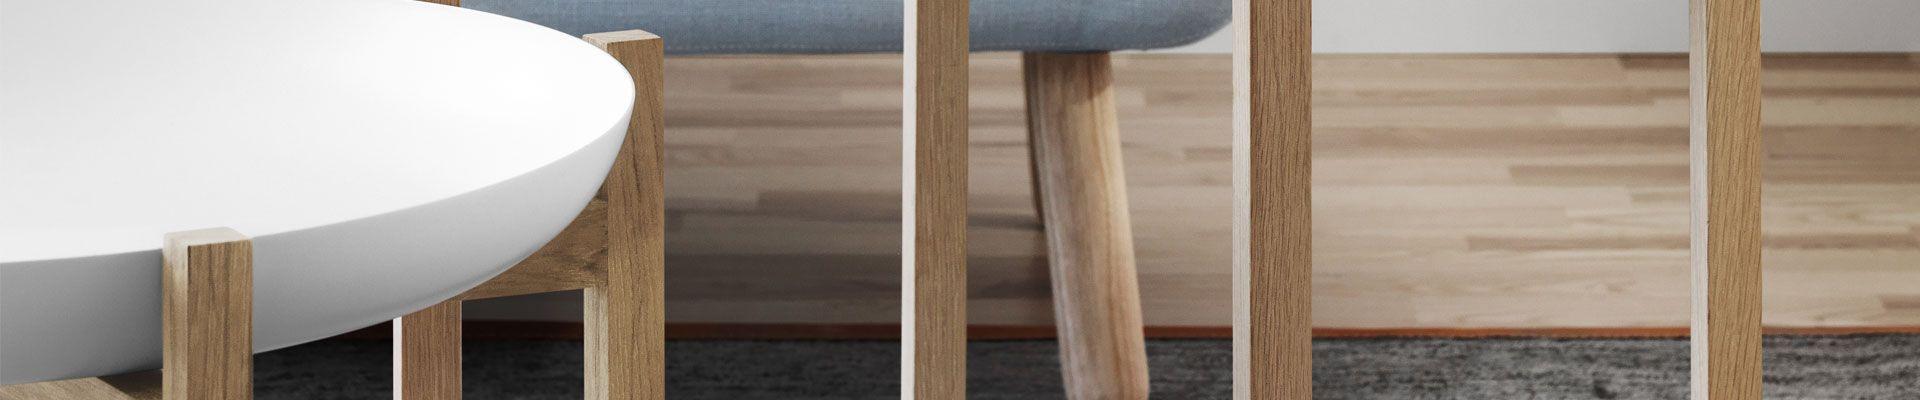 Design House Stockholm tafels